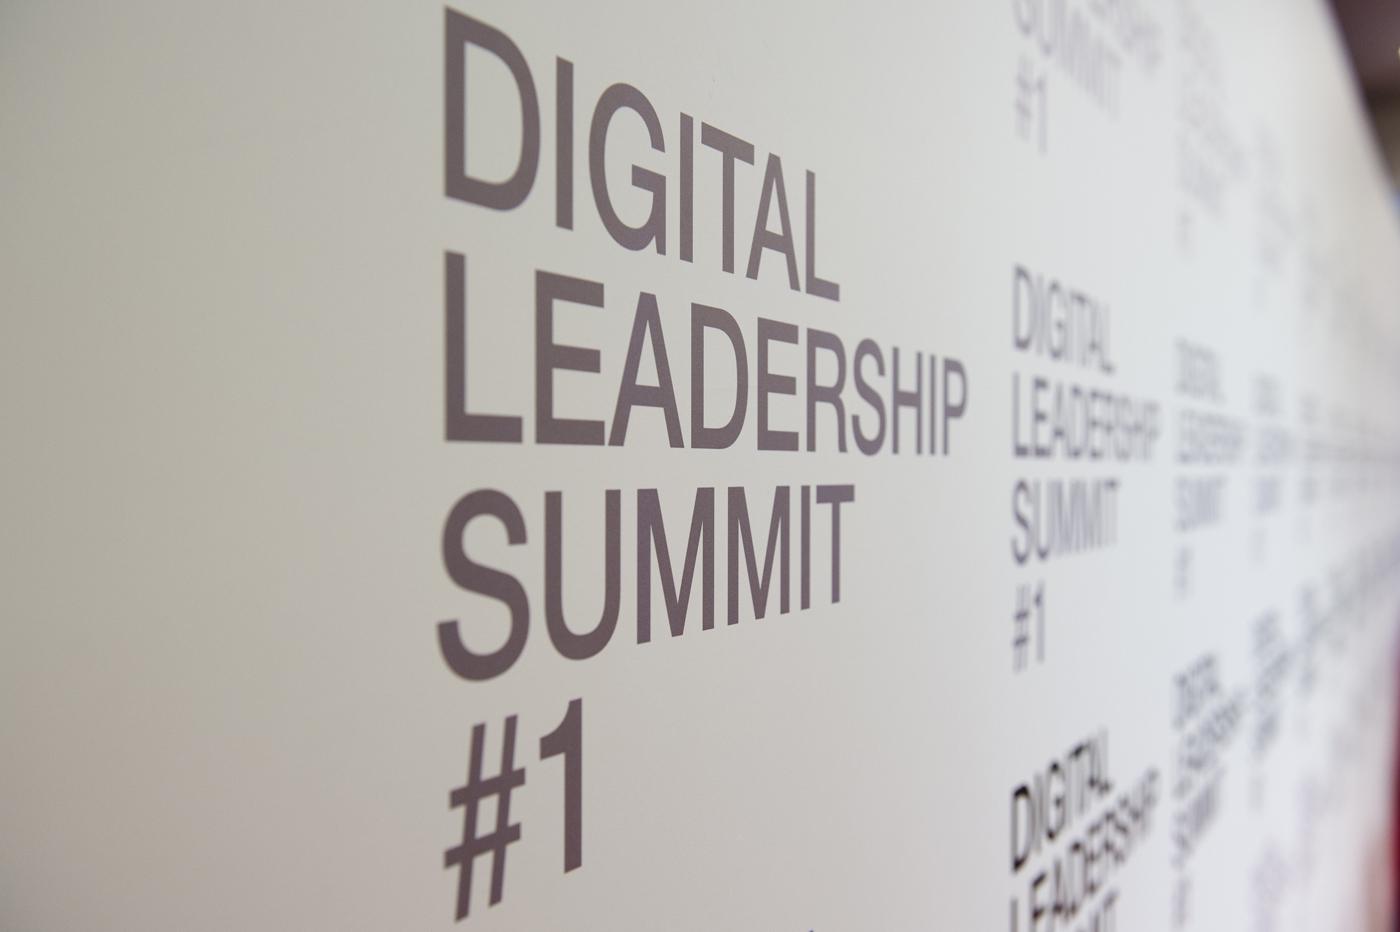 Digital Leadership Summit 2016